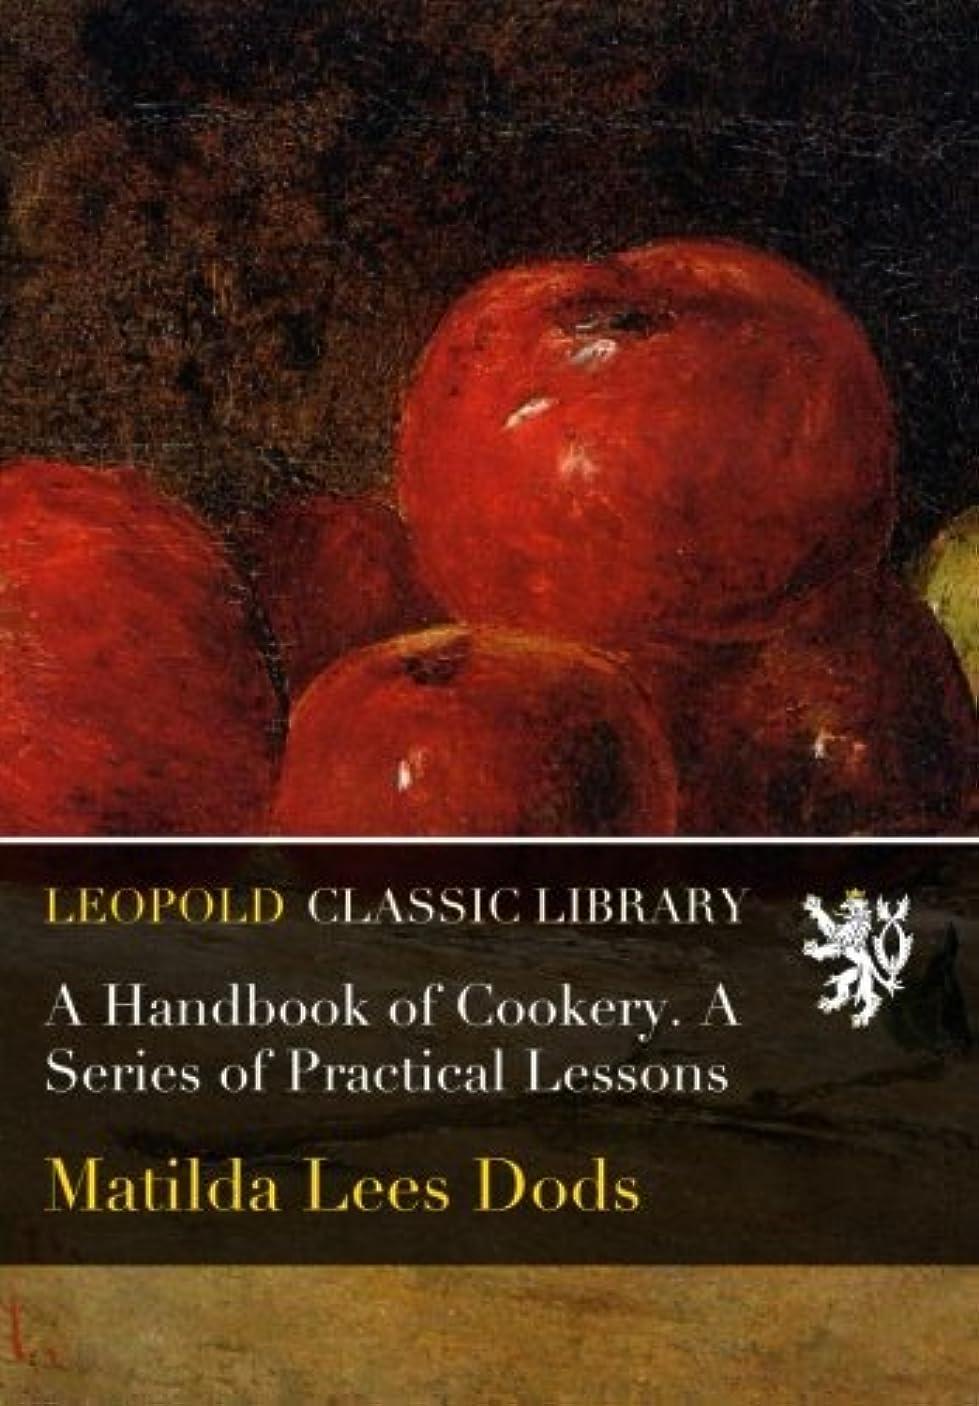 合法買い物に行く穏やかなA Handbook of Cookery. A Series of Practical Lessons